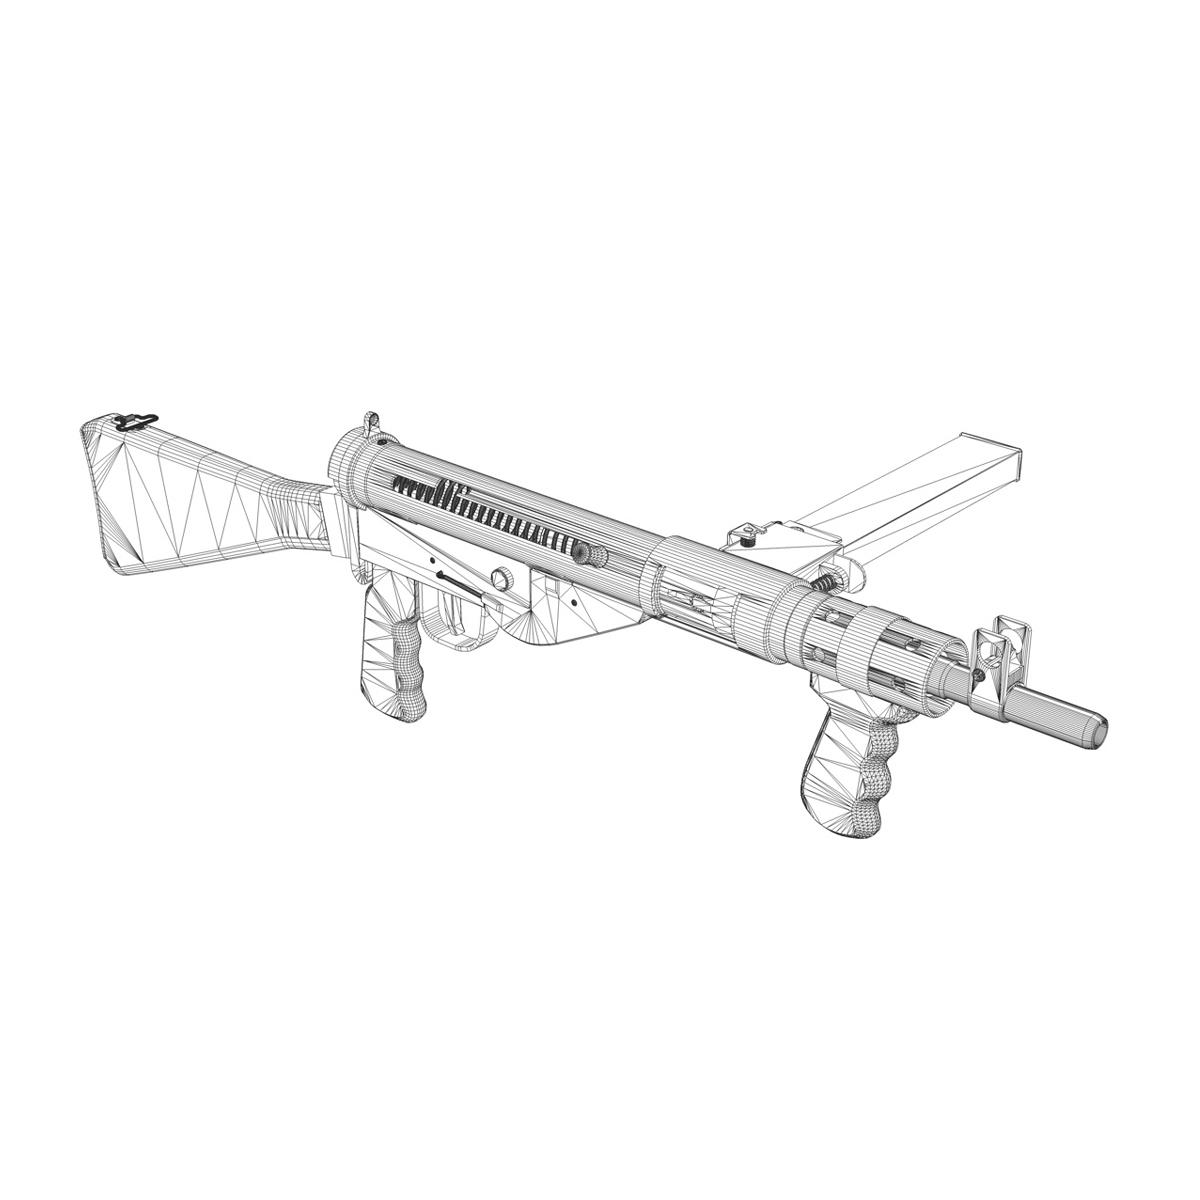 sten mk.v submachine gun 3d model 3ds fbx c4d lwo obj 195131